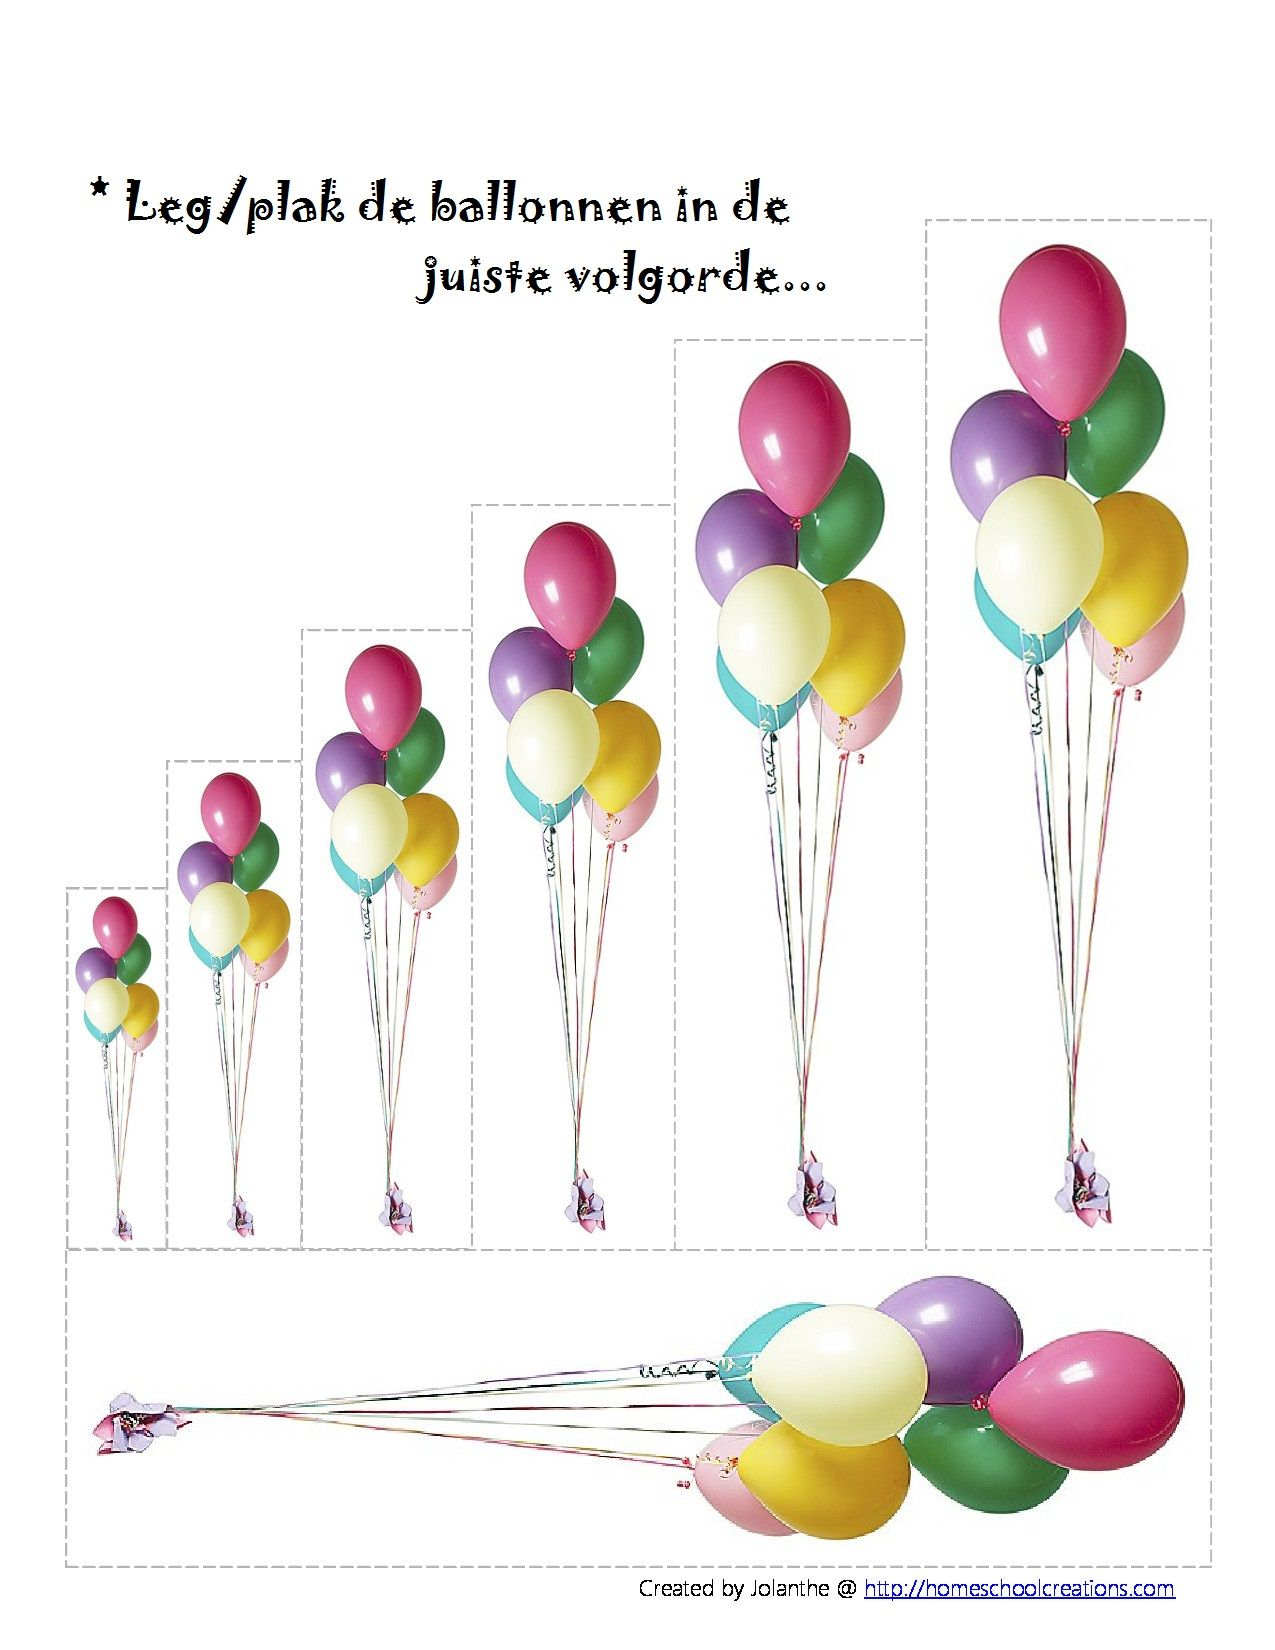 Leg Plak De Ballonnen In De Juiste Volgorde